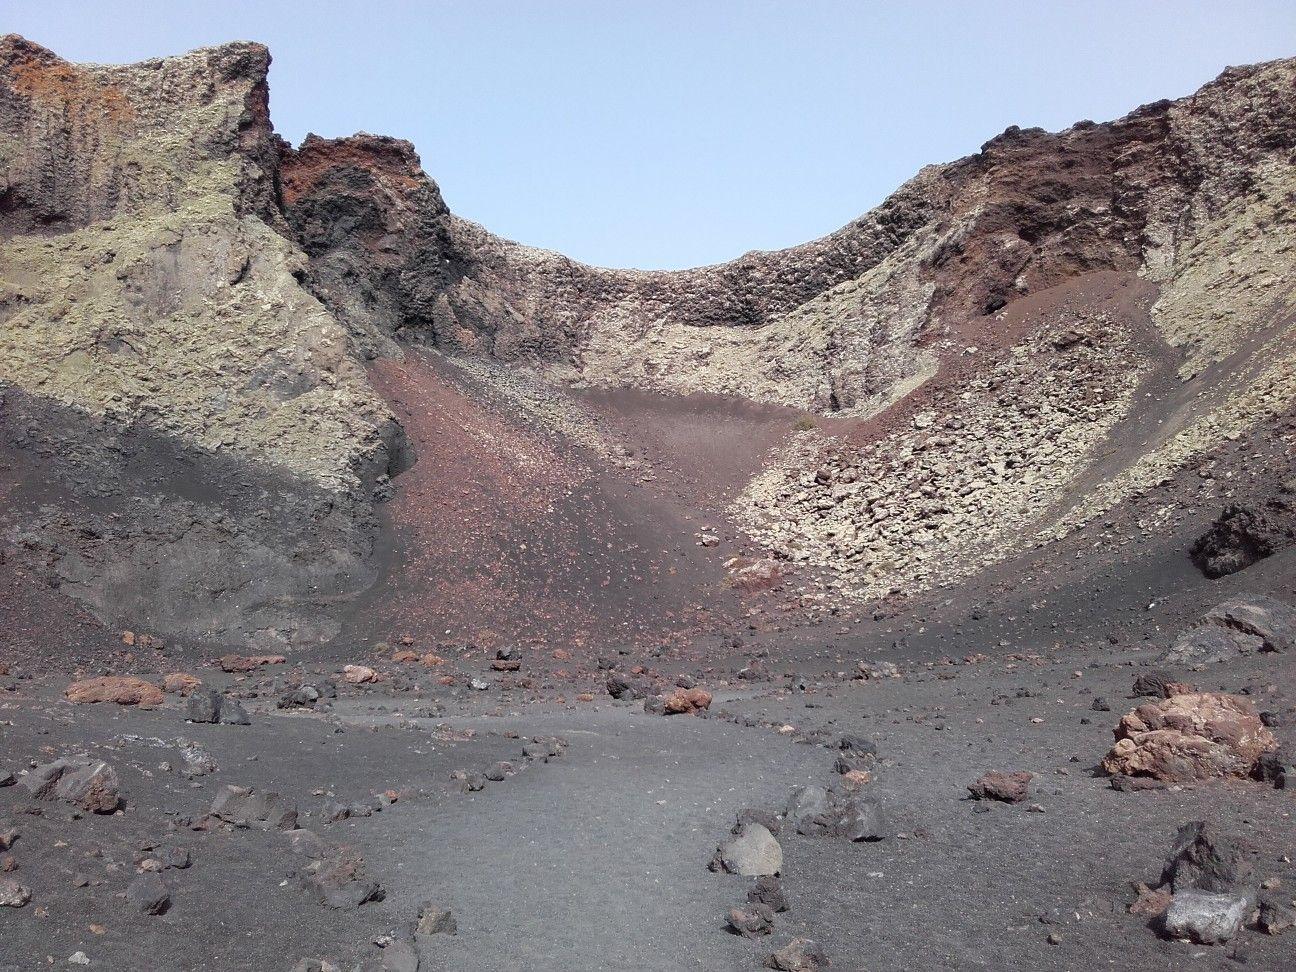 Volcán El Cuervo Lanzarote Volcanes Rutas De Senderismo